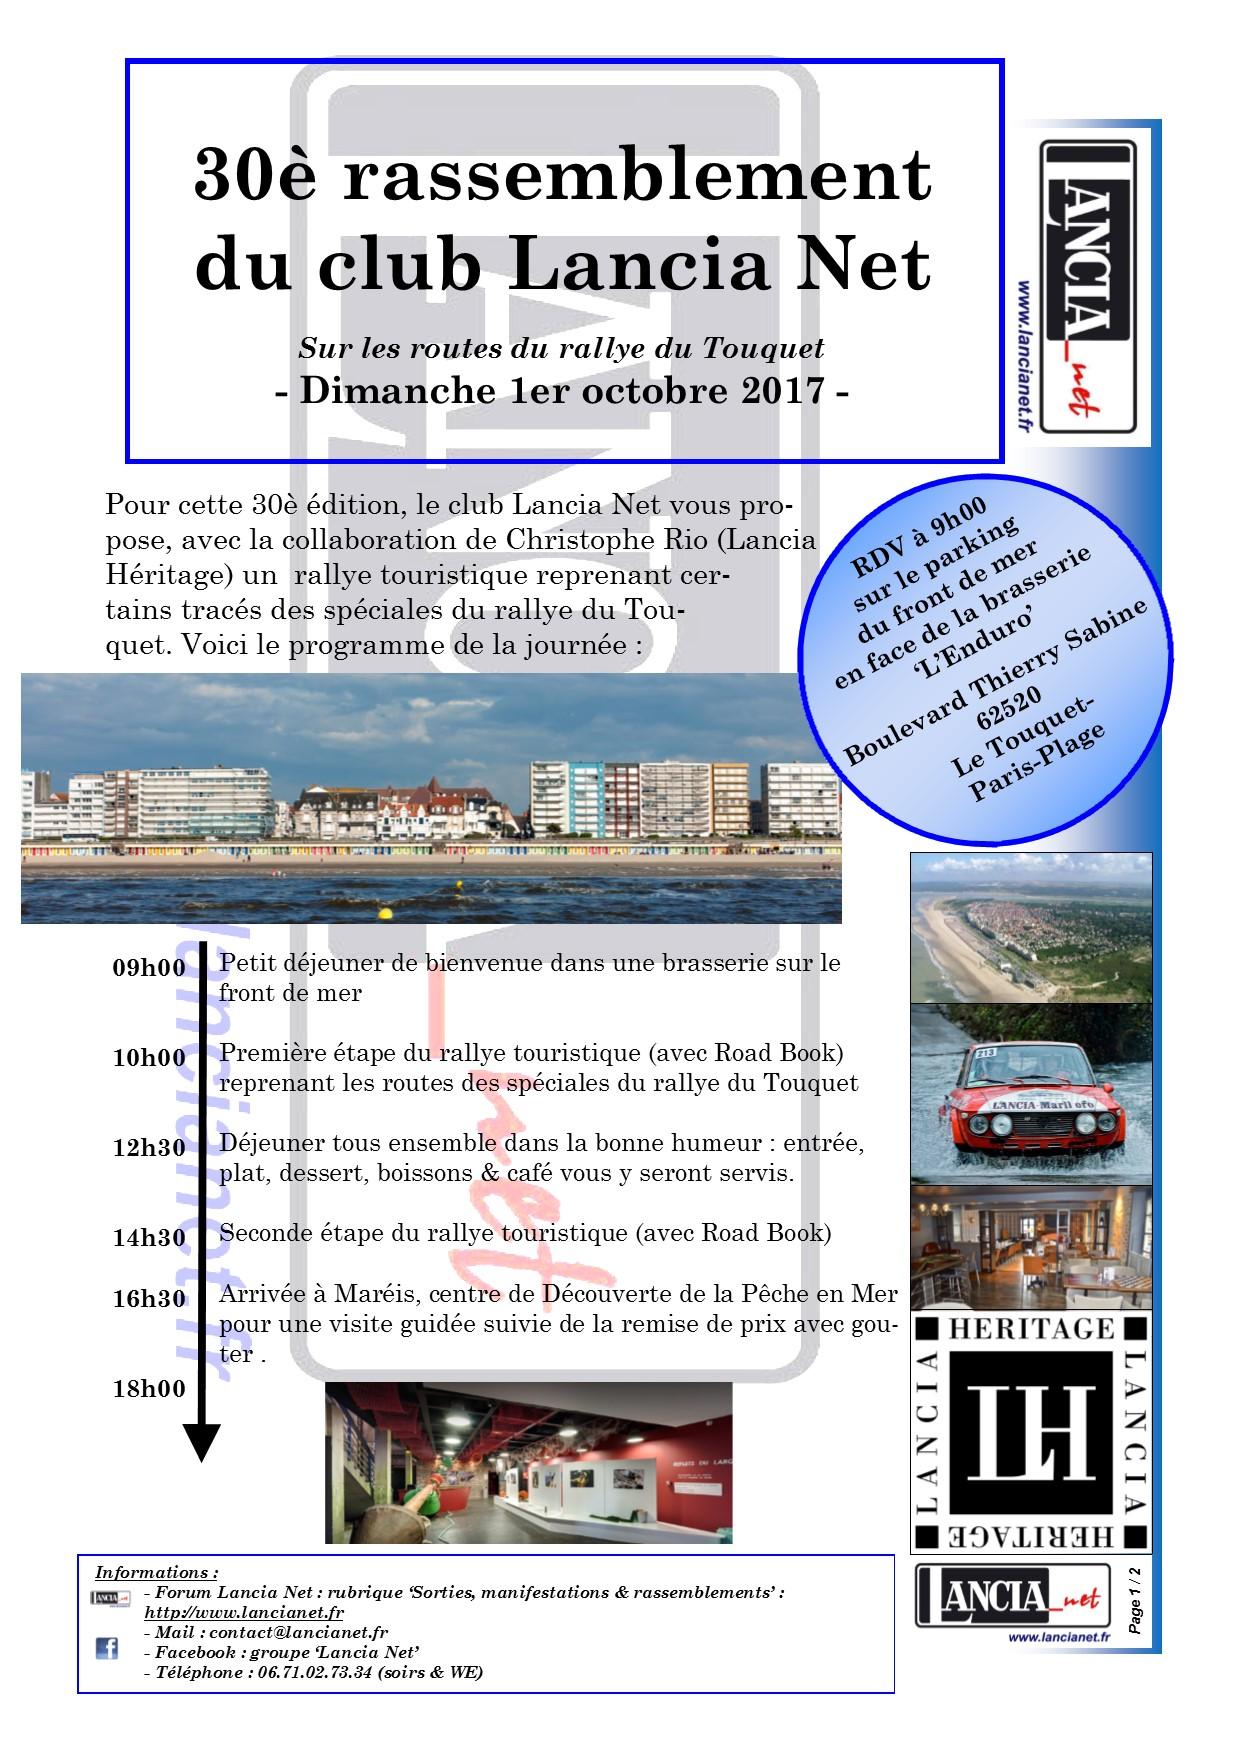 30è rassemblement Lancia Net, dim 1er oct 2017 au Touquet Programme